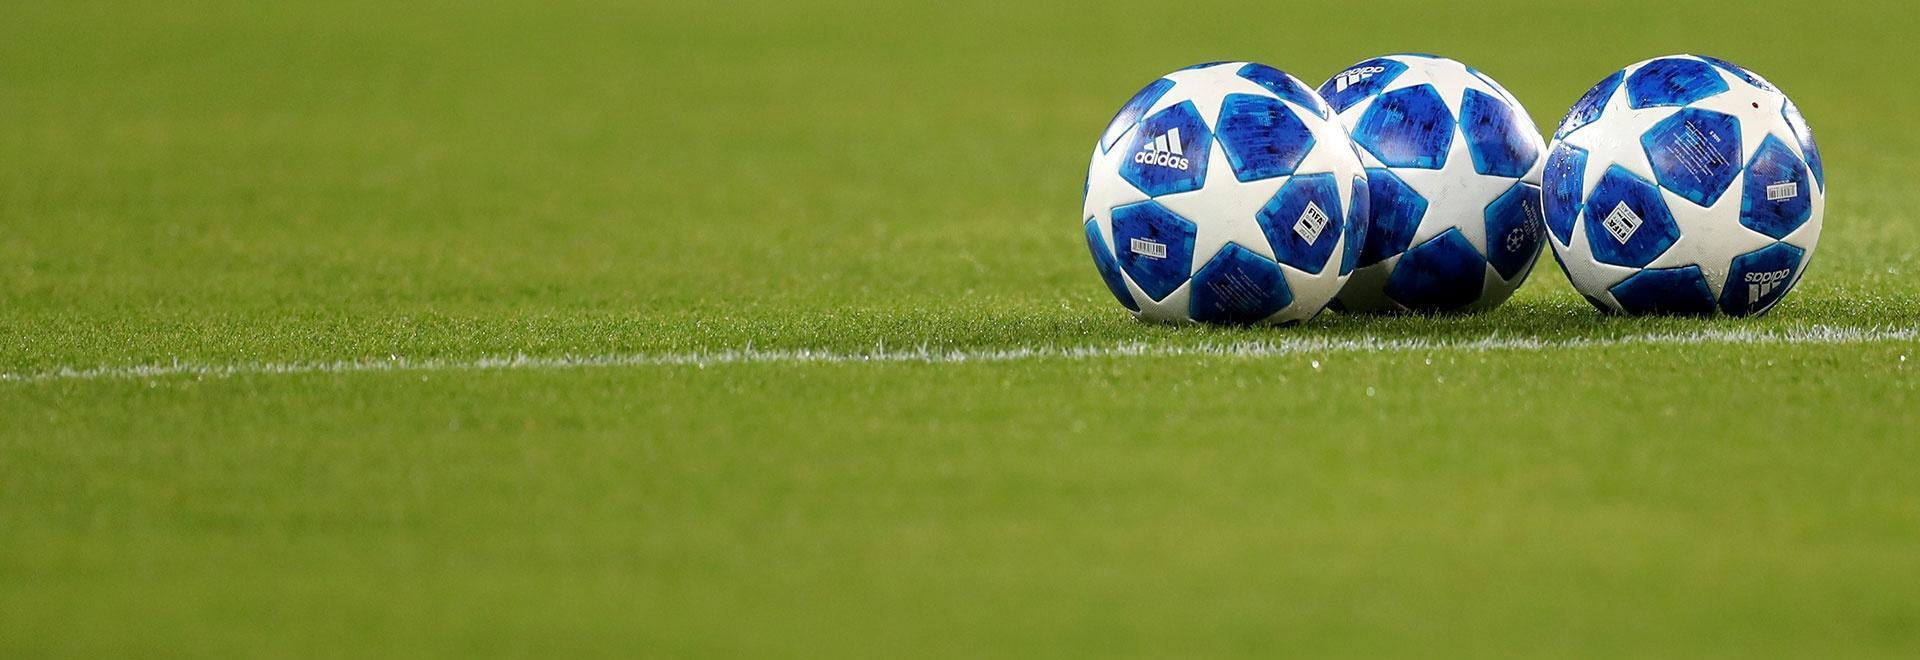 Inter - Barcellona 20/04/2010. Semifinale. Andata